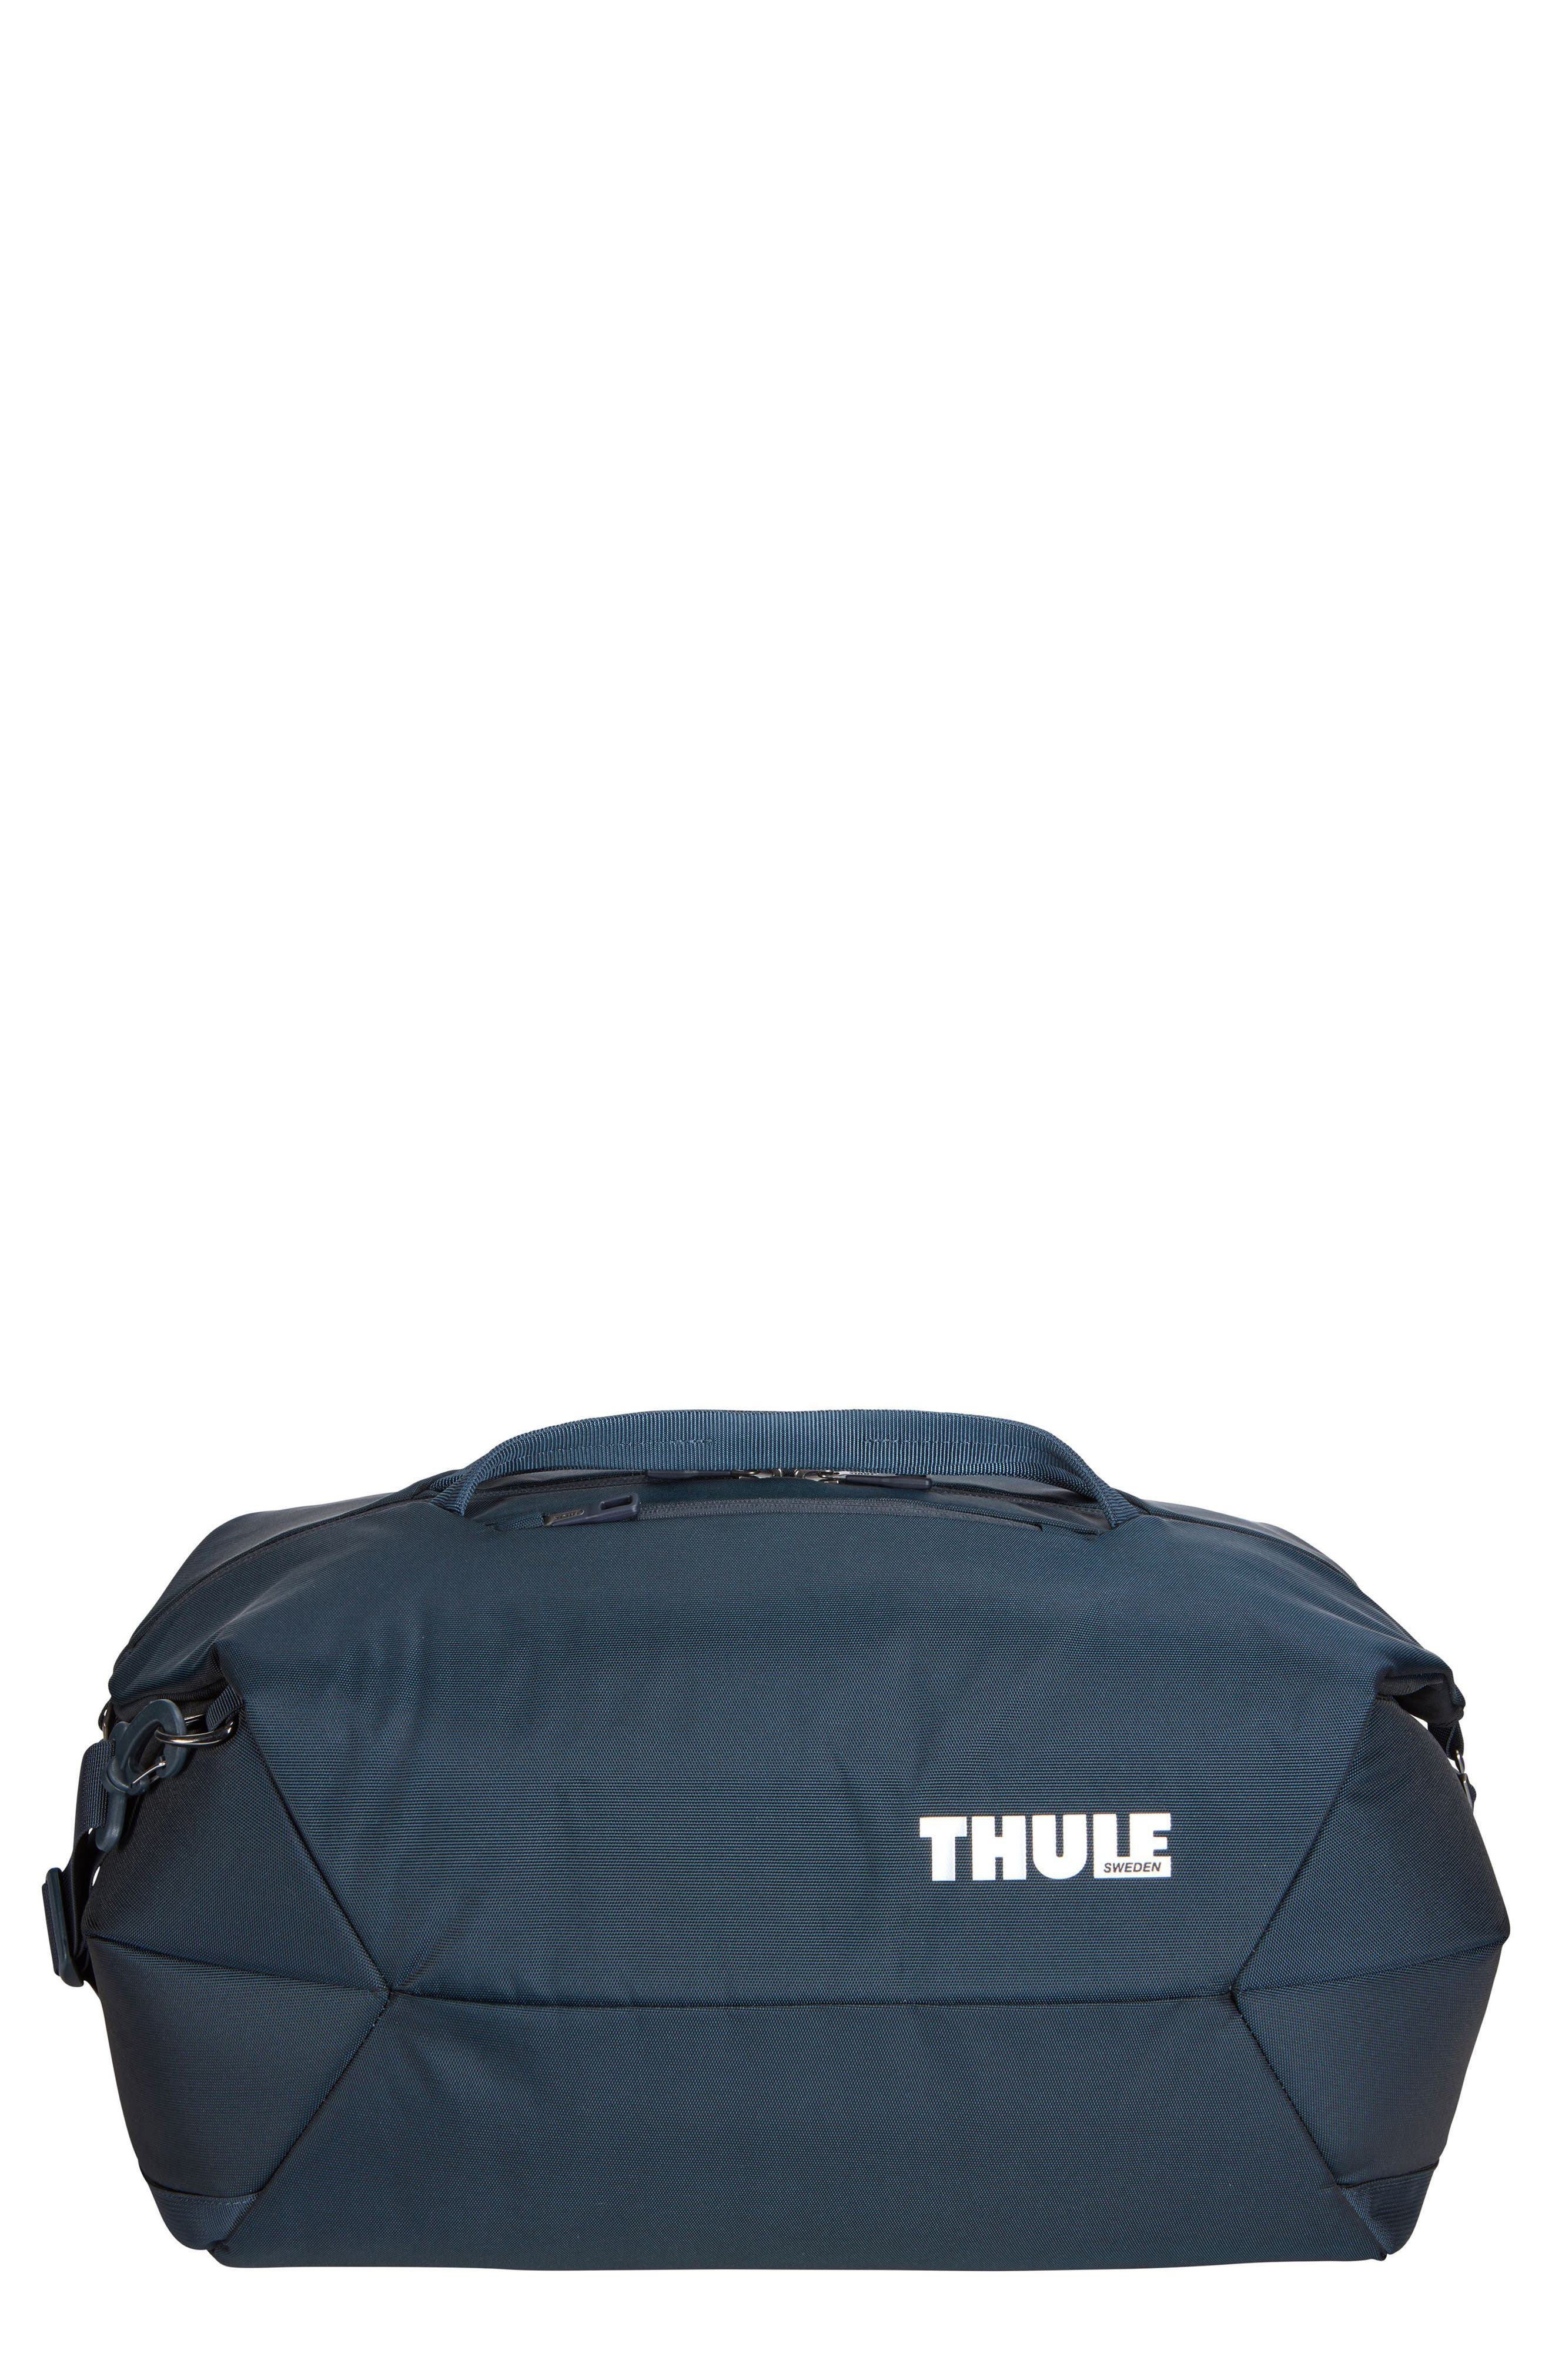 Thule Subterra 40-Liter Convertible Duffel Bag